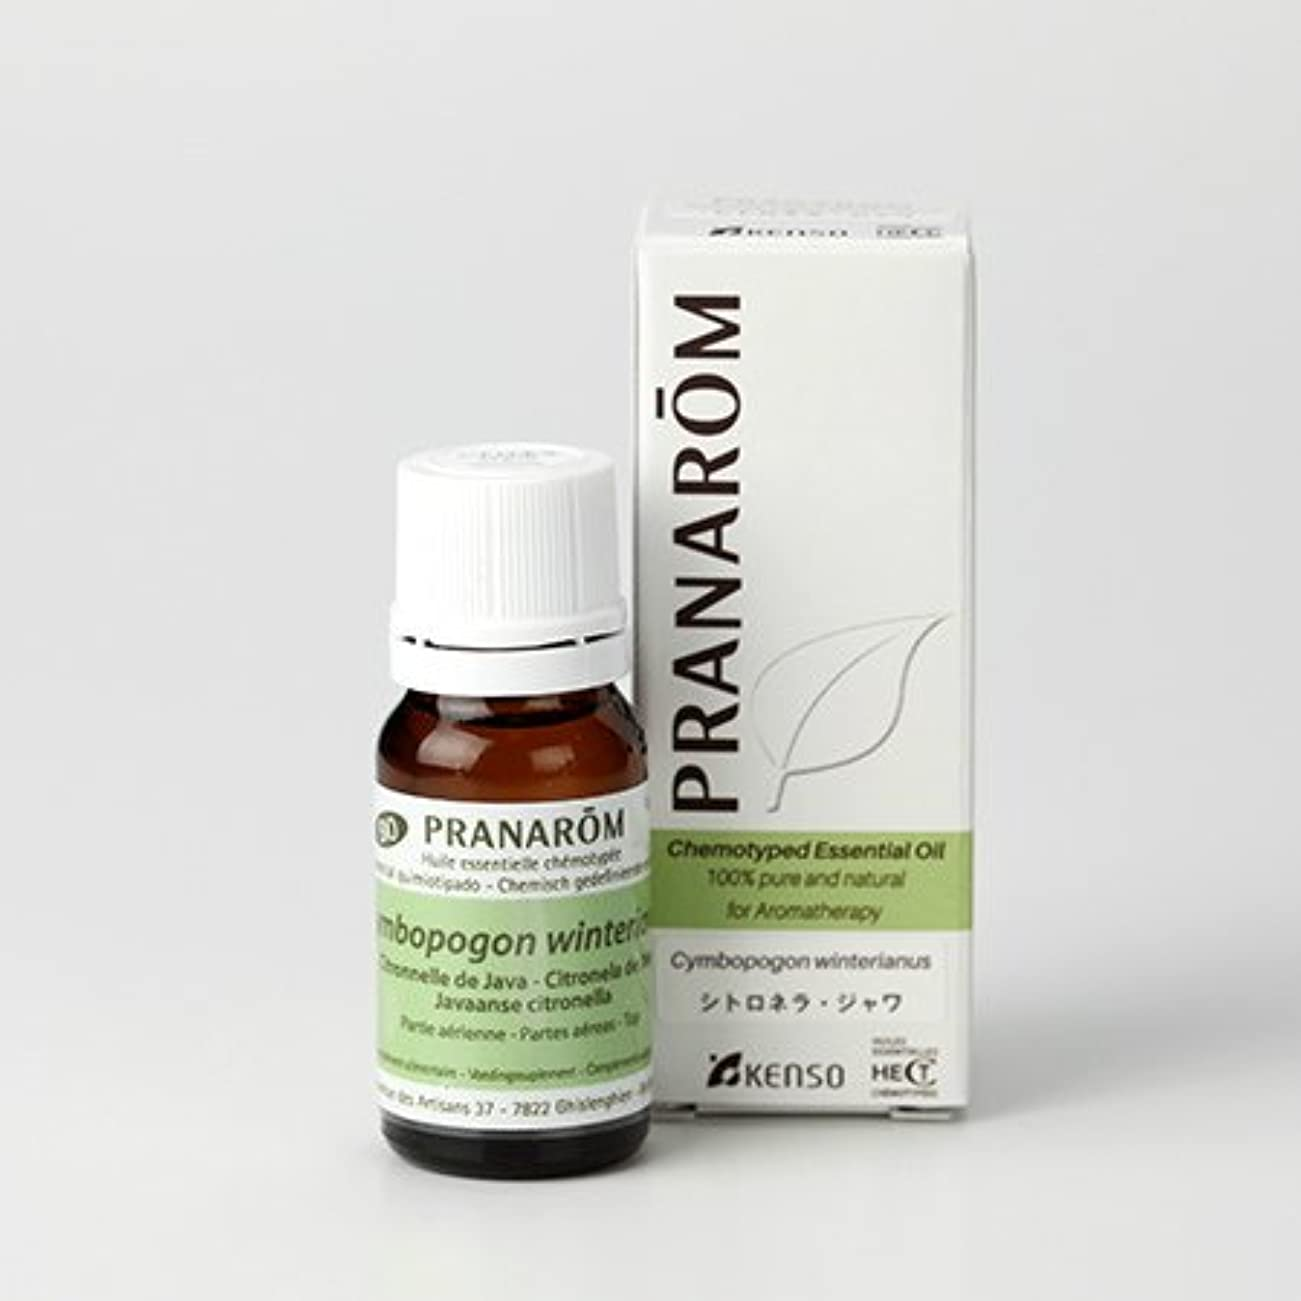 病んでいる叫ぶケーブルプラナロム シトロネラジャワ 10ml (PRANAROM ケモタイプ精油)